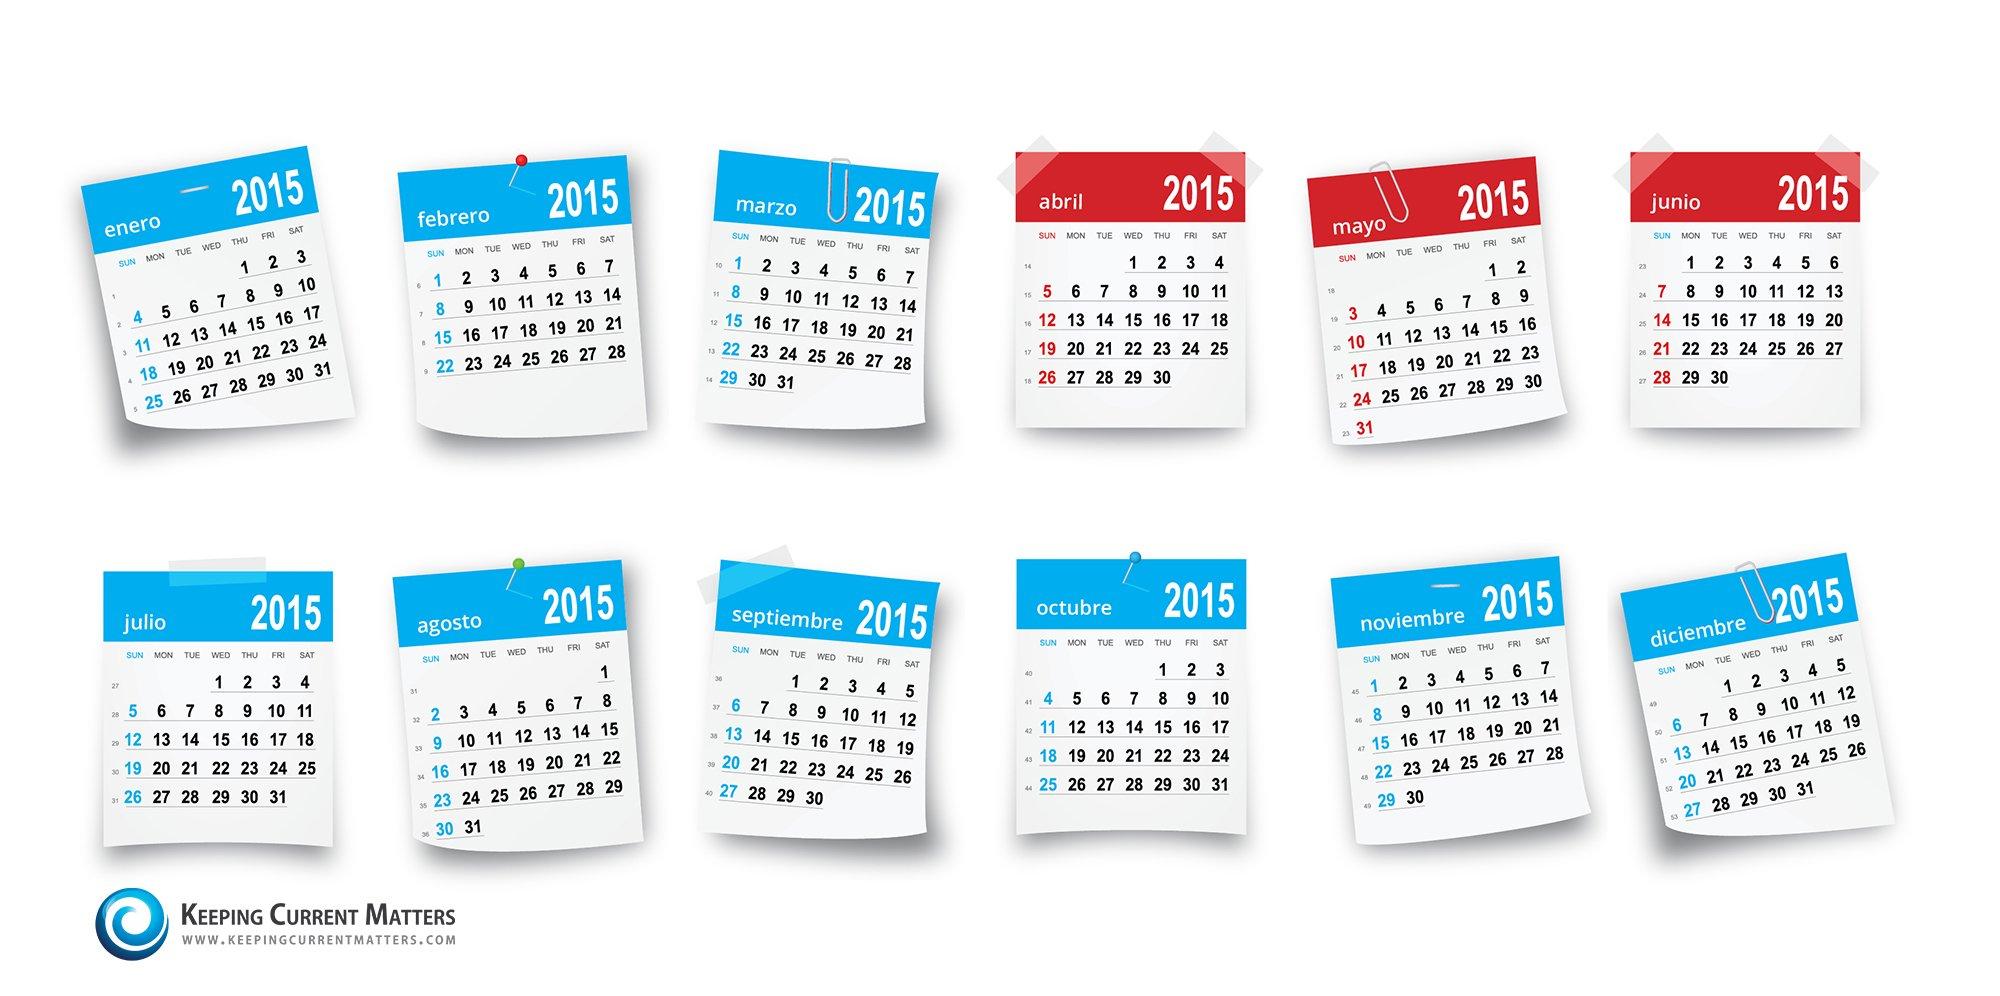 en cuales meses la mayoría de las personas pusieron sus casas a la venta en 2015 | Keeping Current Matters